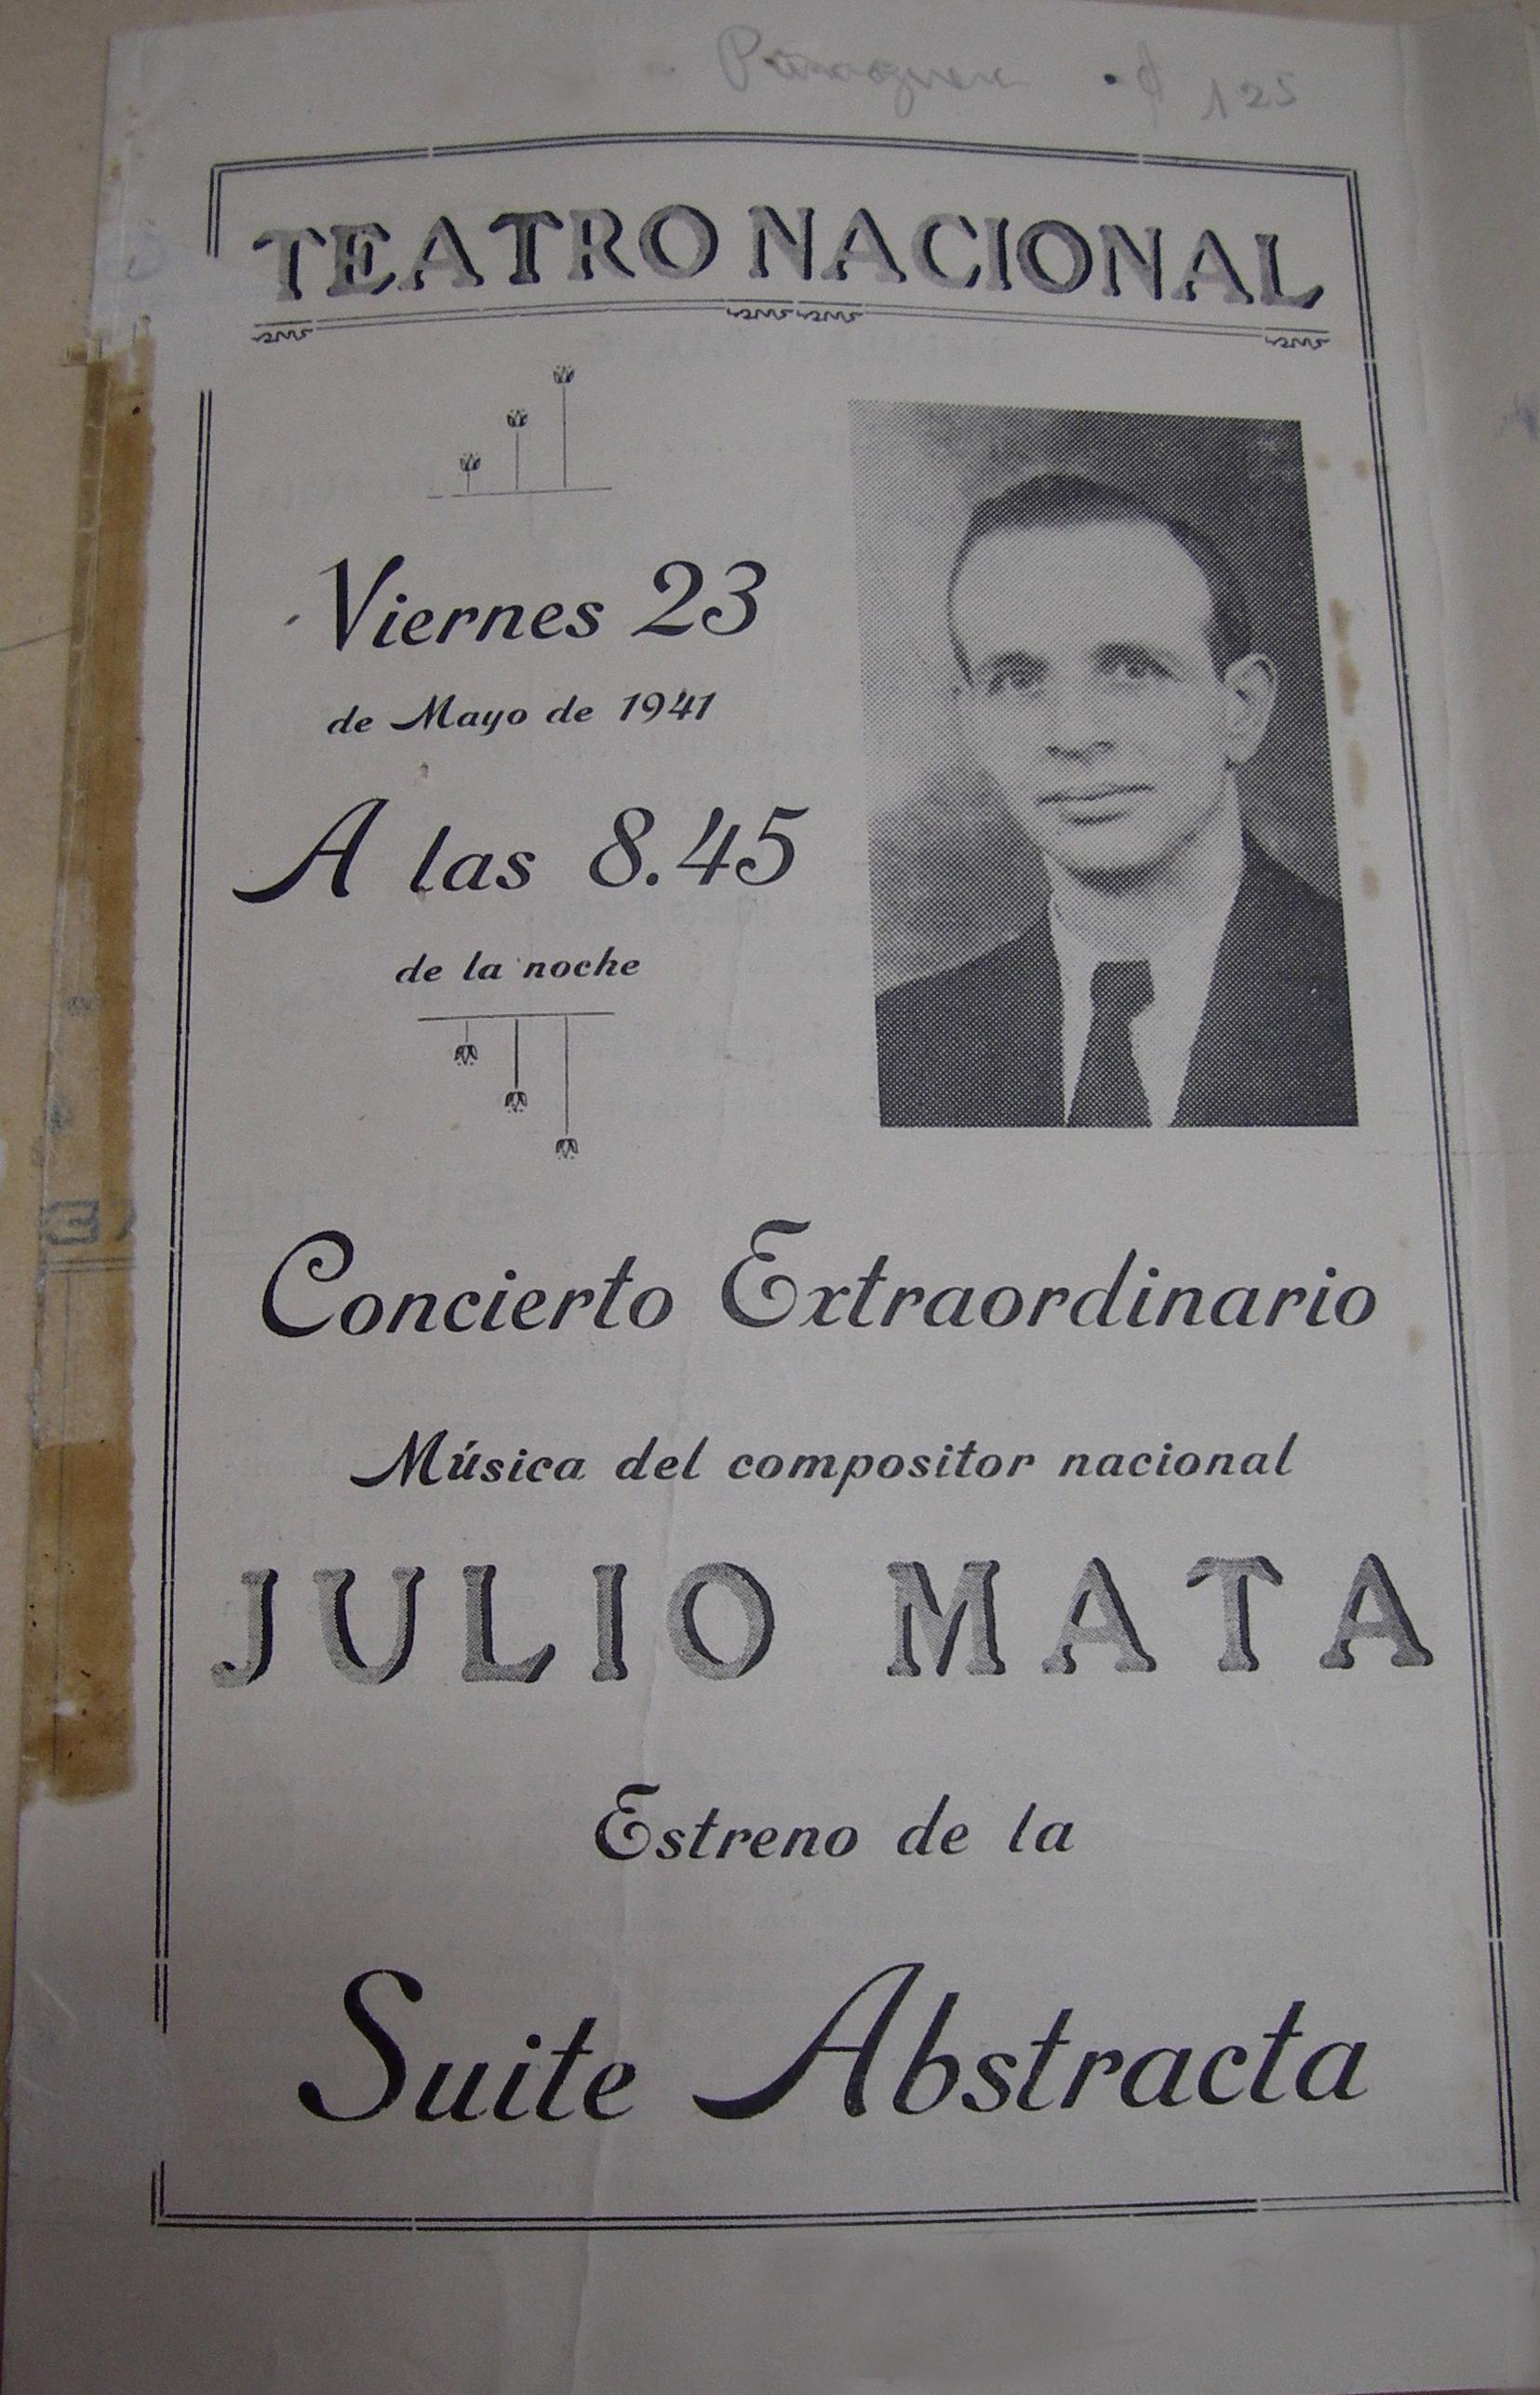 Universidad del valle de mexiico - 2 part 7